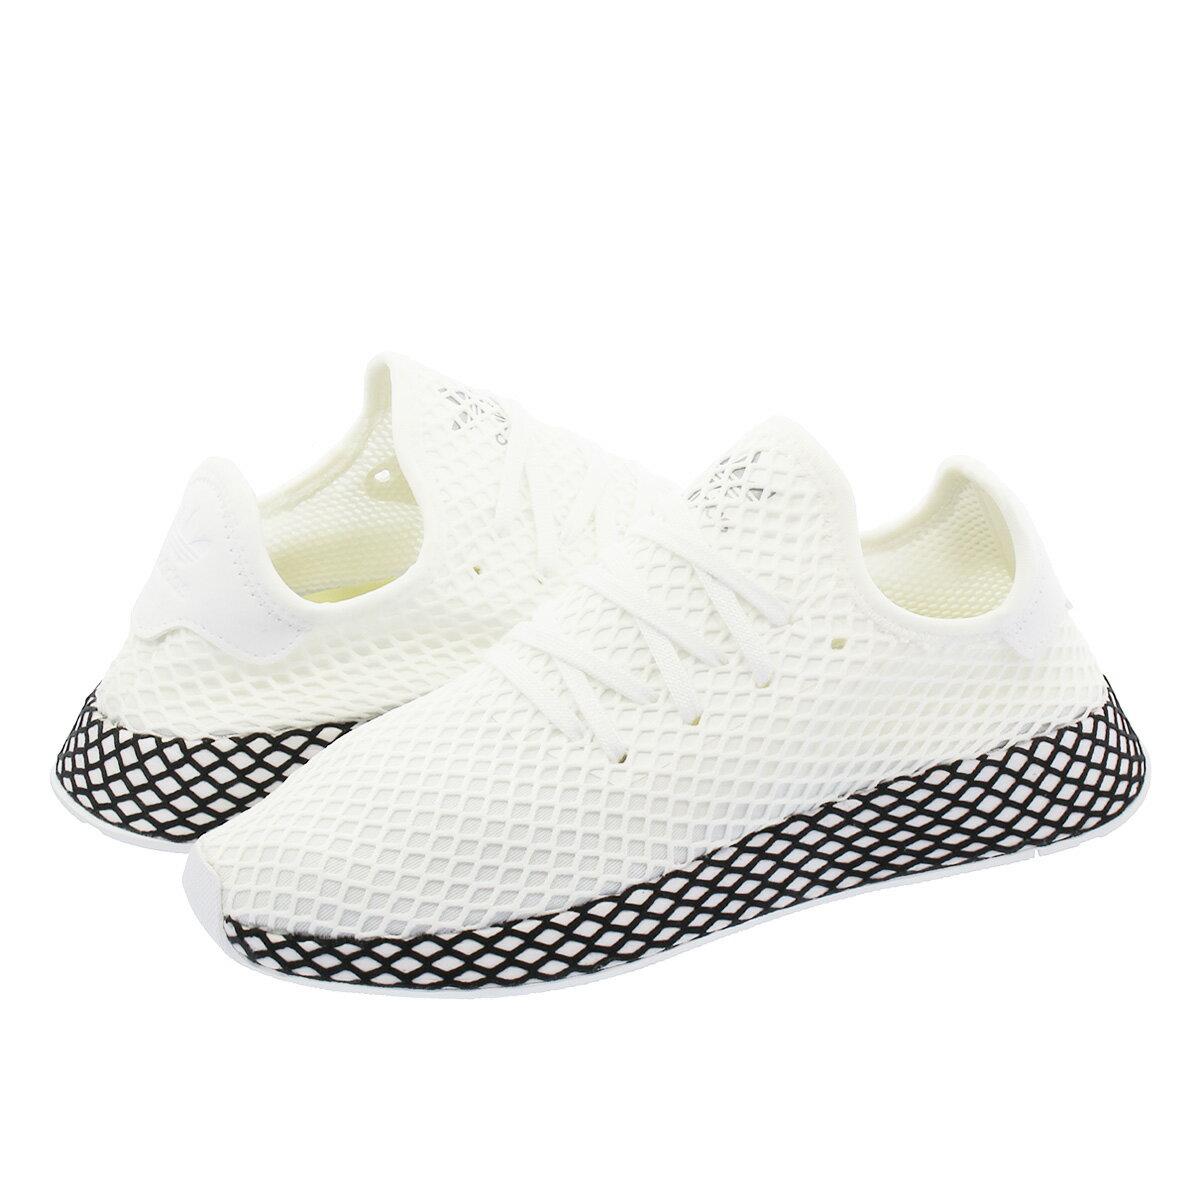 adidas DEERUPT RUNNER アディダス ディーラプト ランナー RUNNING WHITE/RUNNING WHITE/CORE BLACK b41767